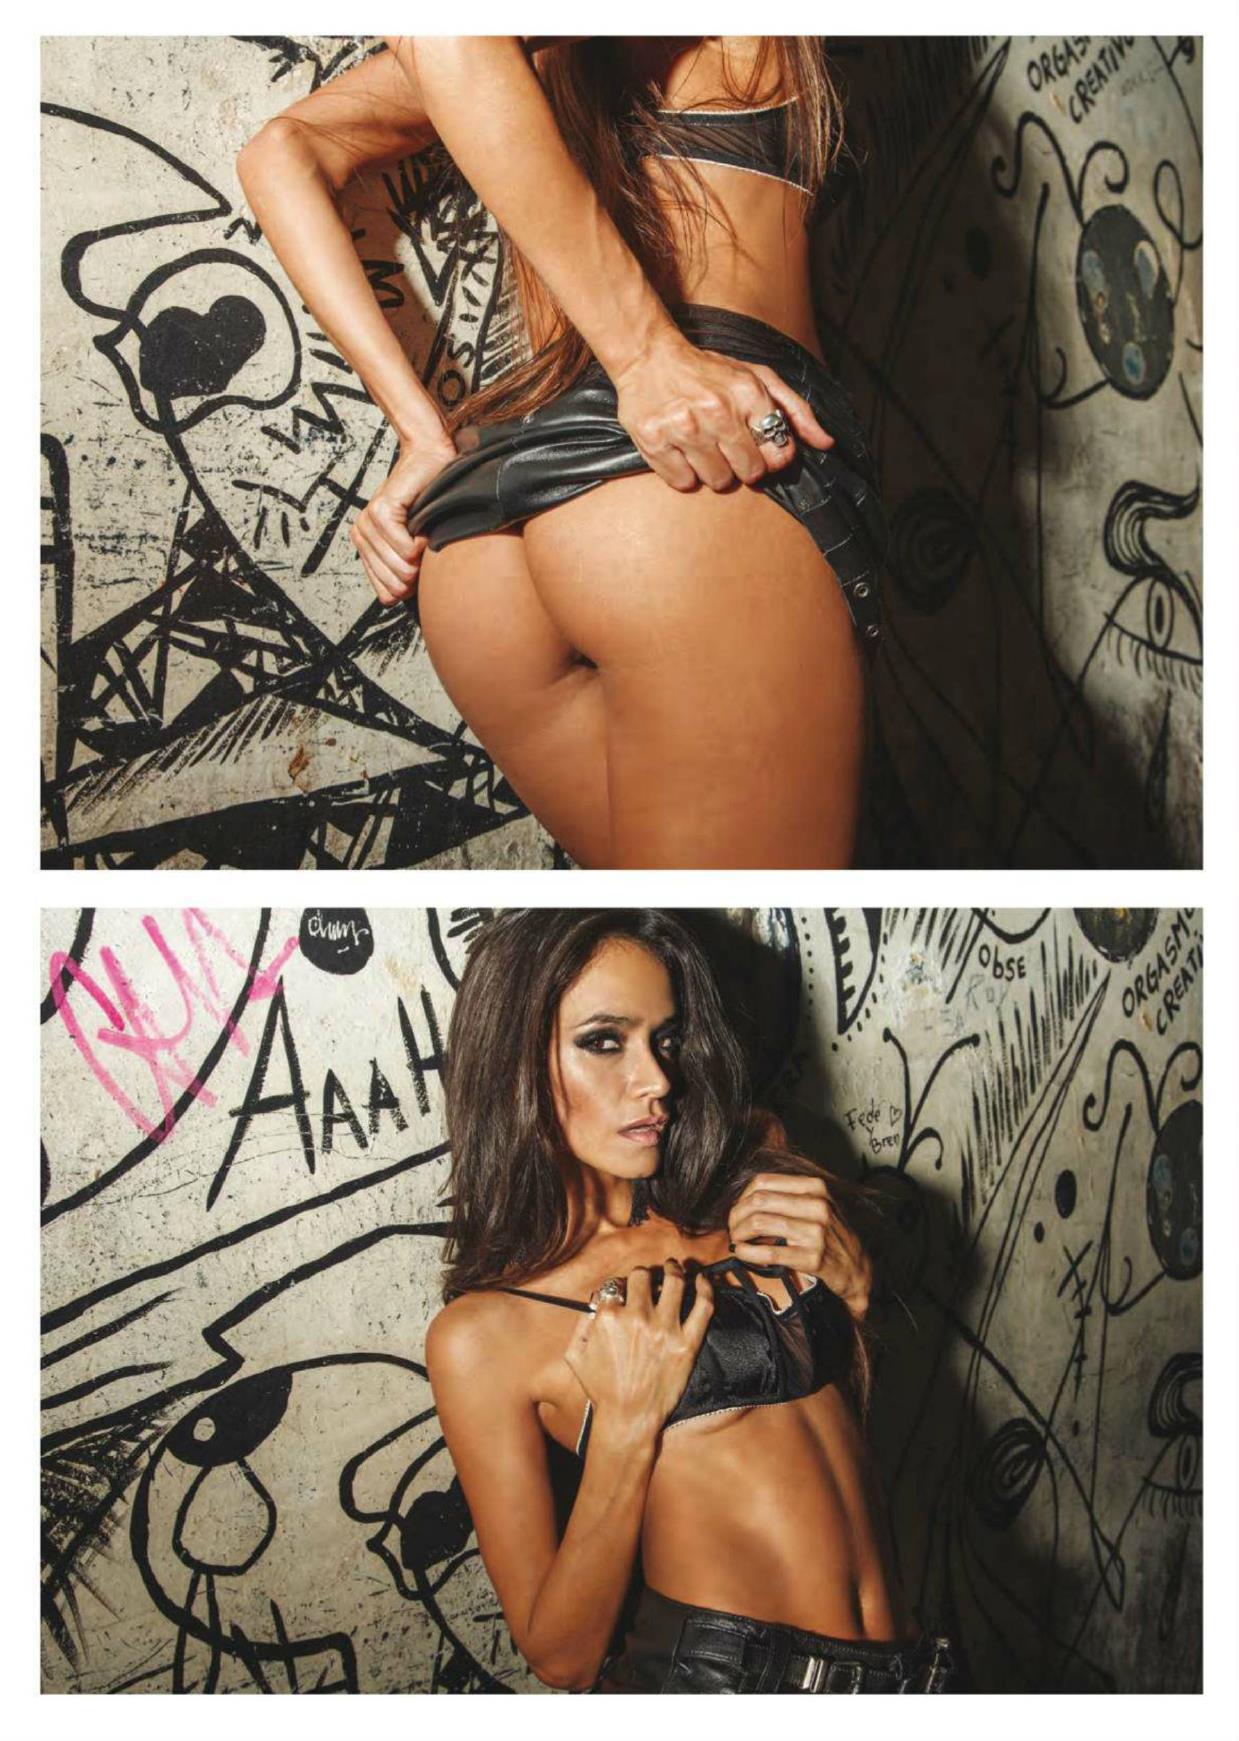 Evangelina Carrozzo Nude Photoshoot, Big Ass